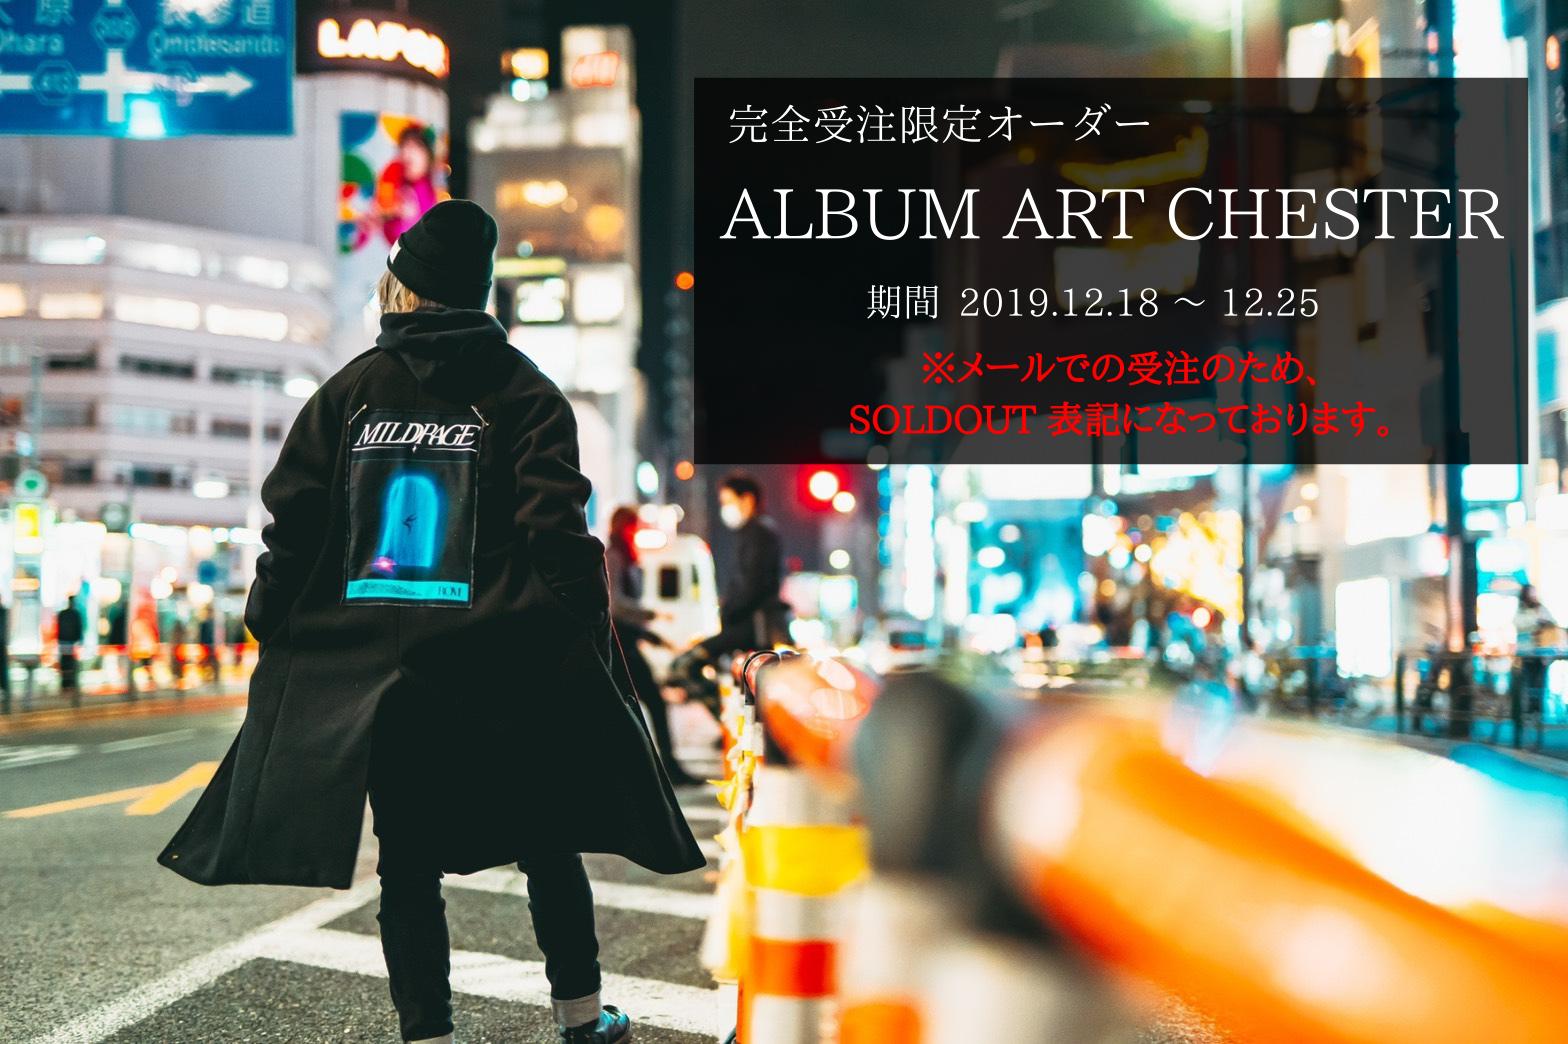 【受注生産 受付中 ※メールでの受付のためSOLD表記となっております】ALBUM ART CHESTER